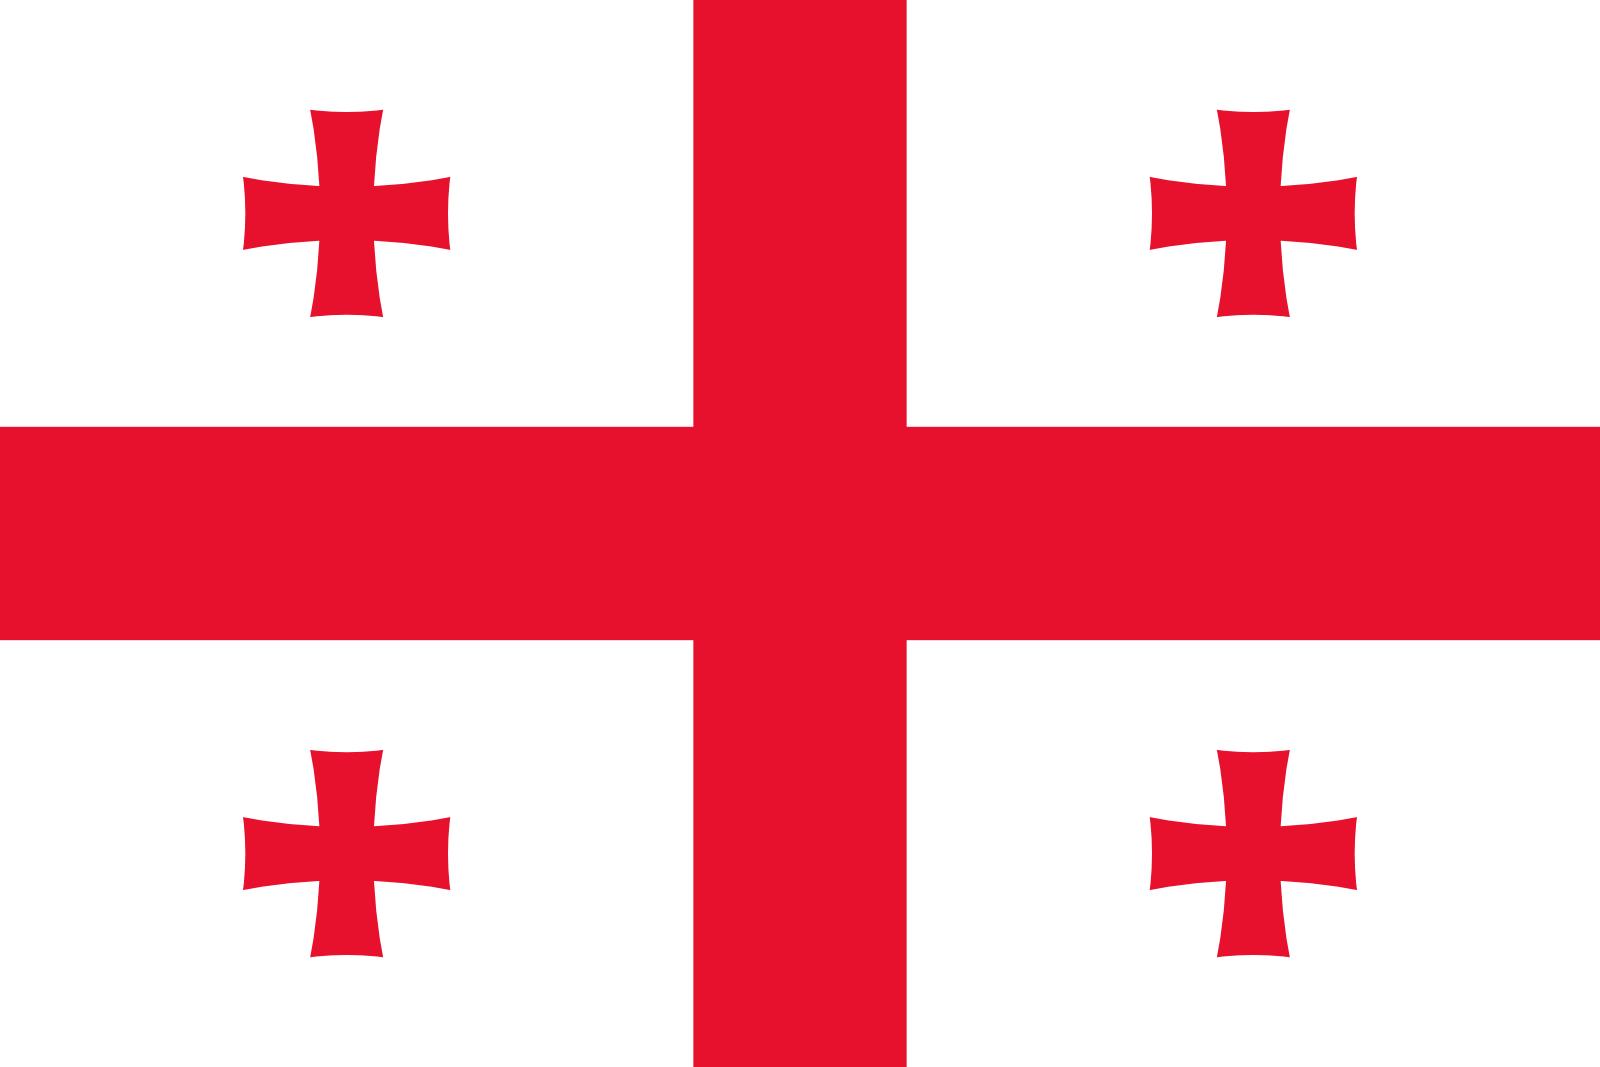 imagenes de banderas hd111 200 Imágenes de Banderas en HD (Wallpapers)